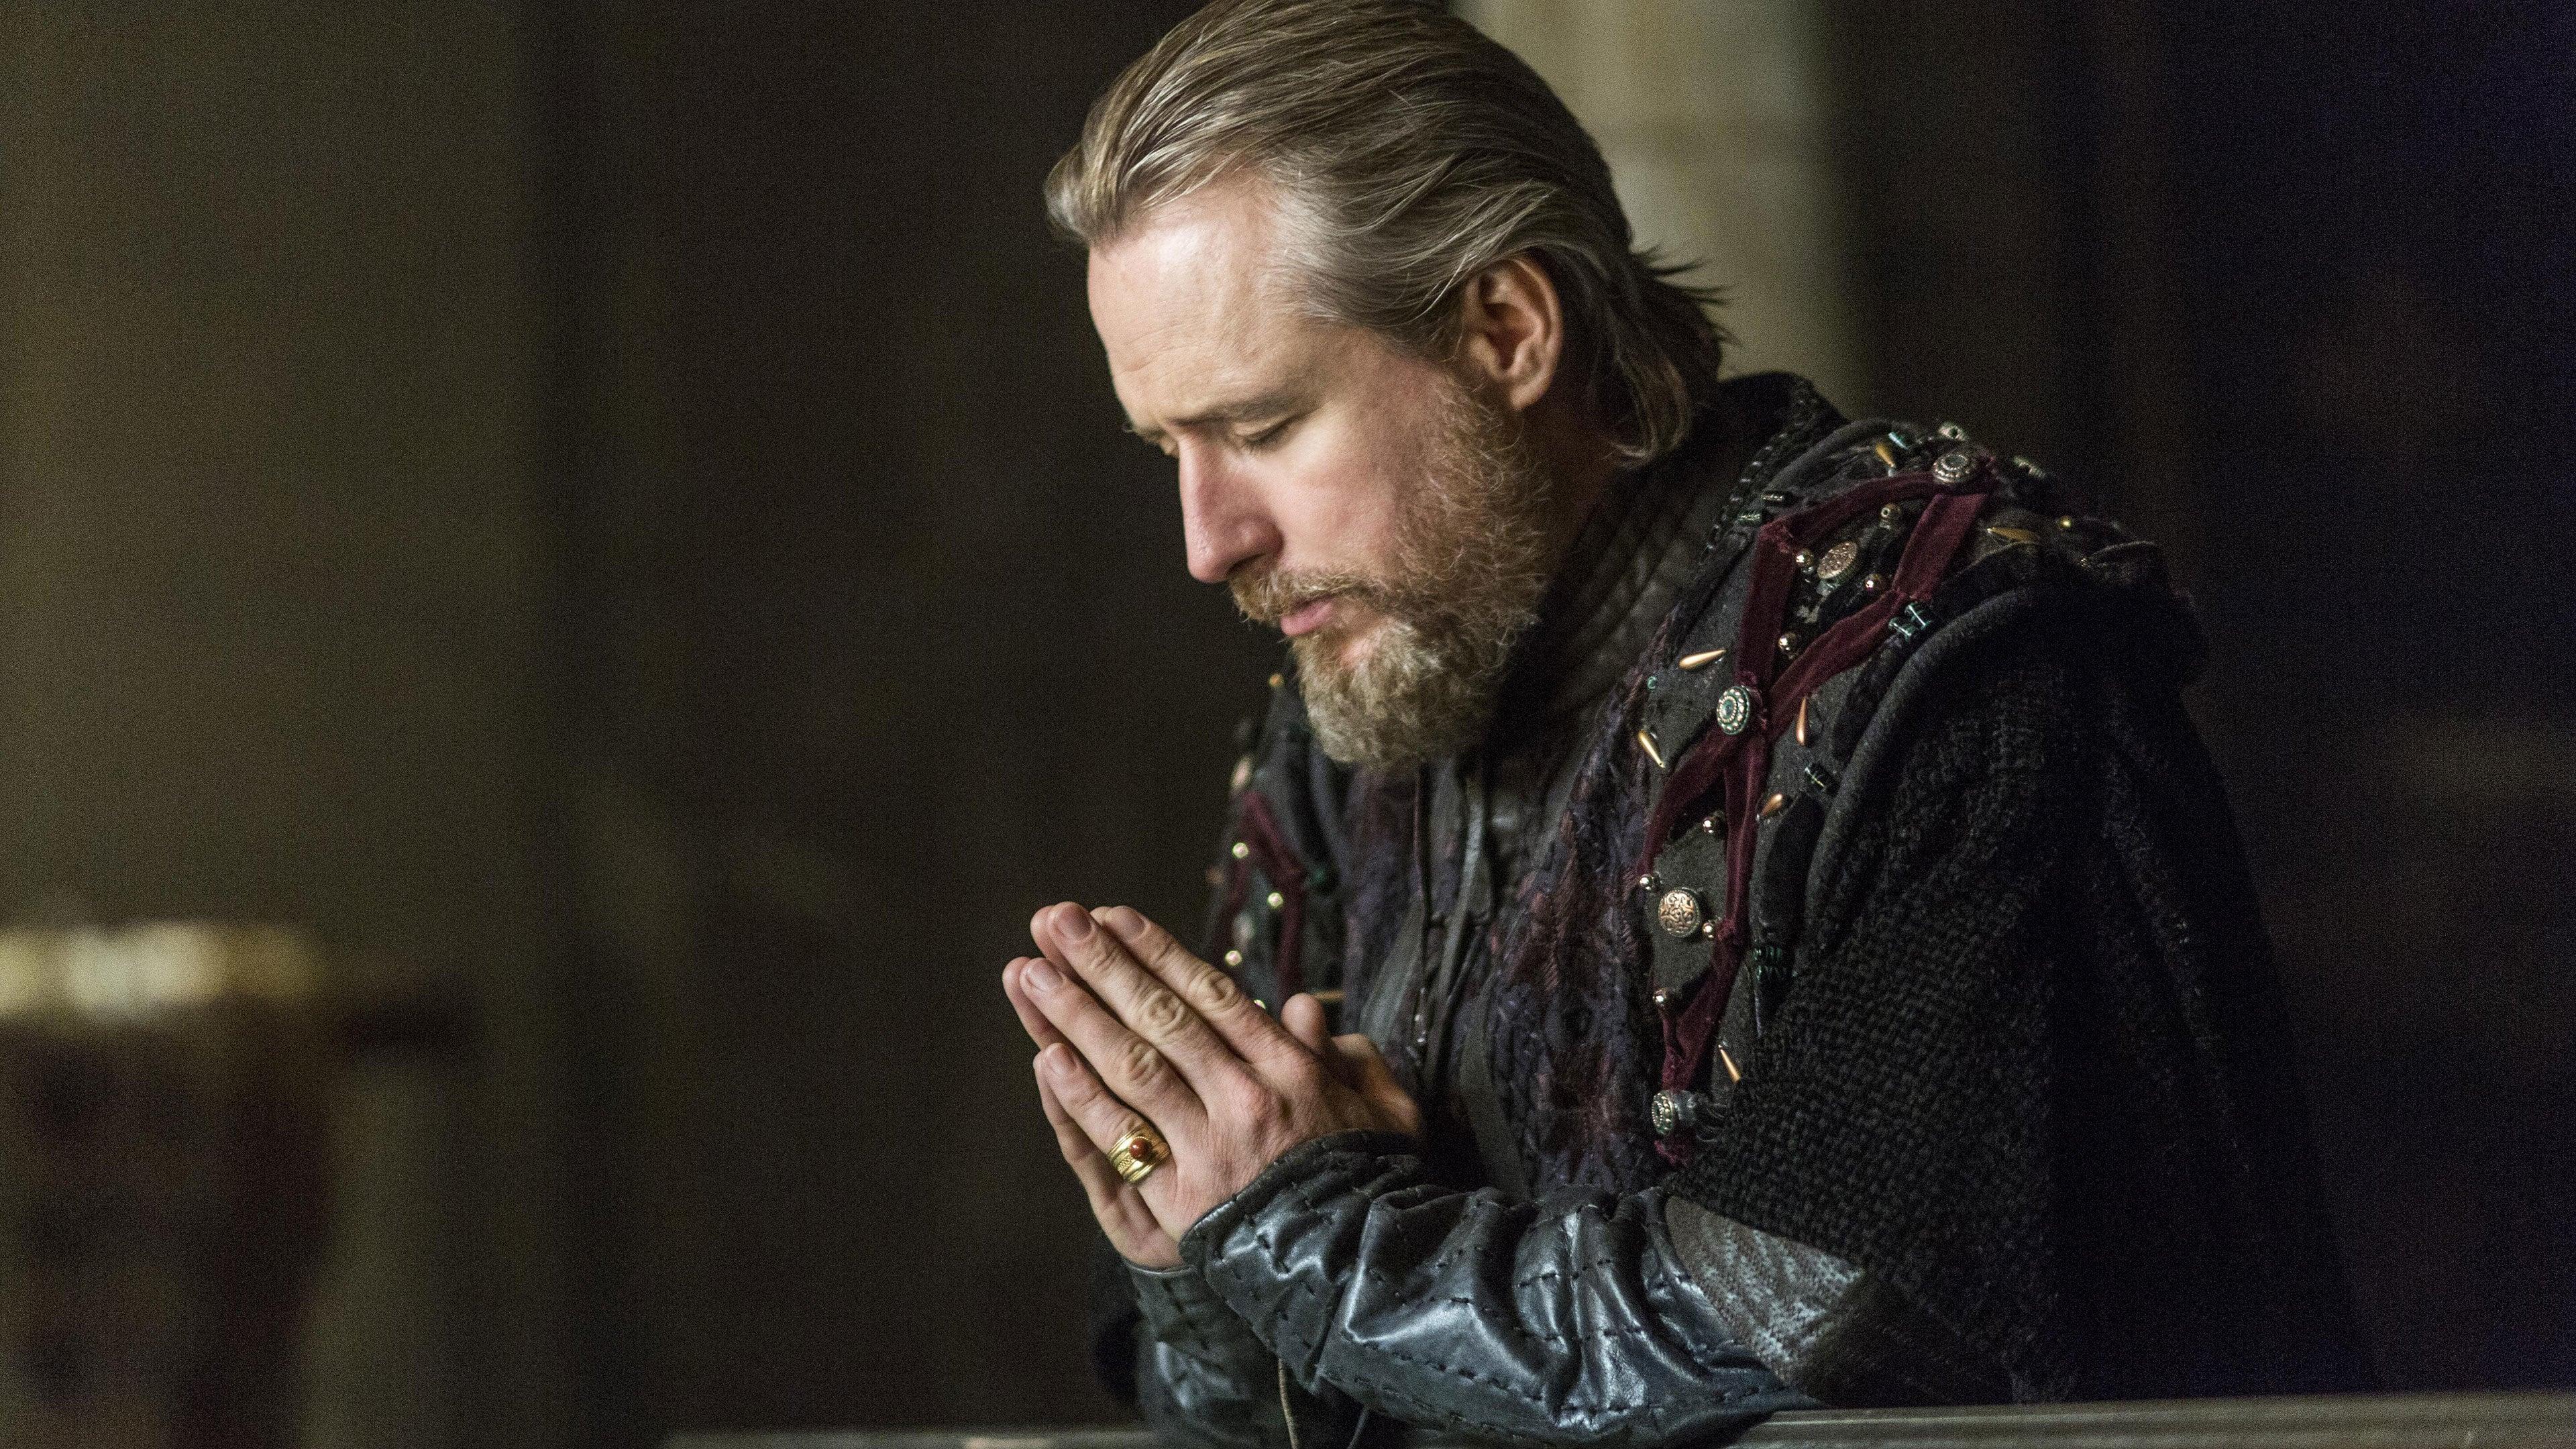 Vikings - Season 2 Episode 4 : Eye for an Eye